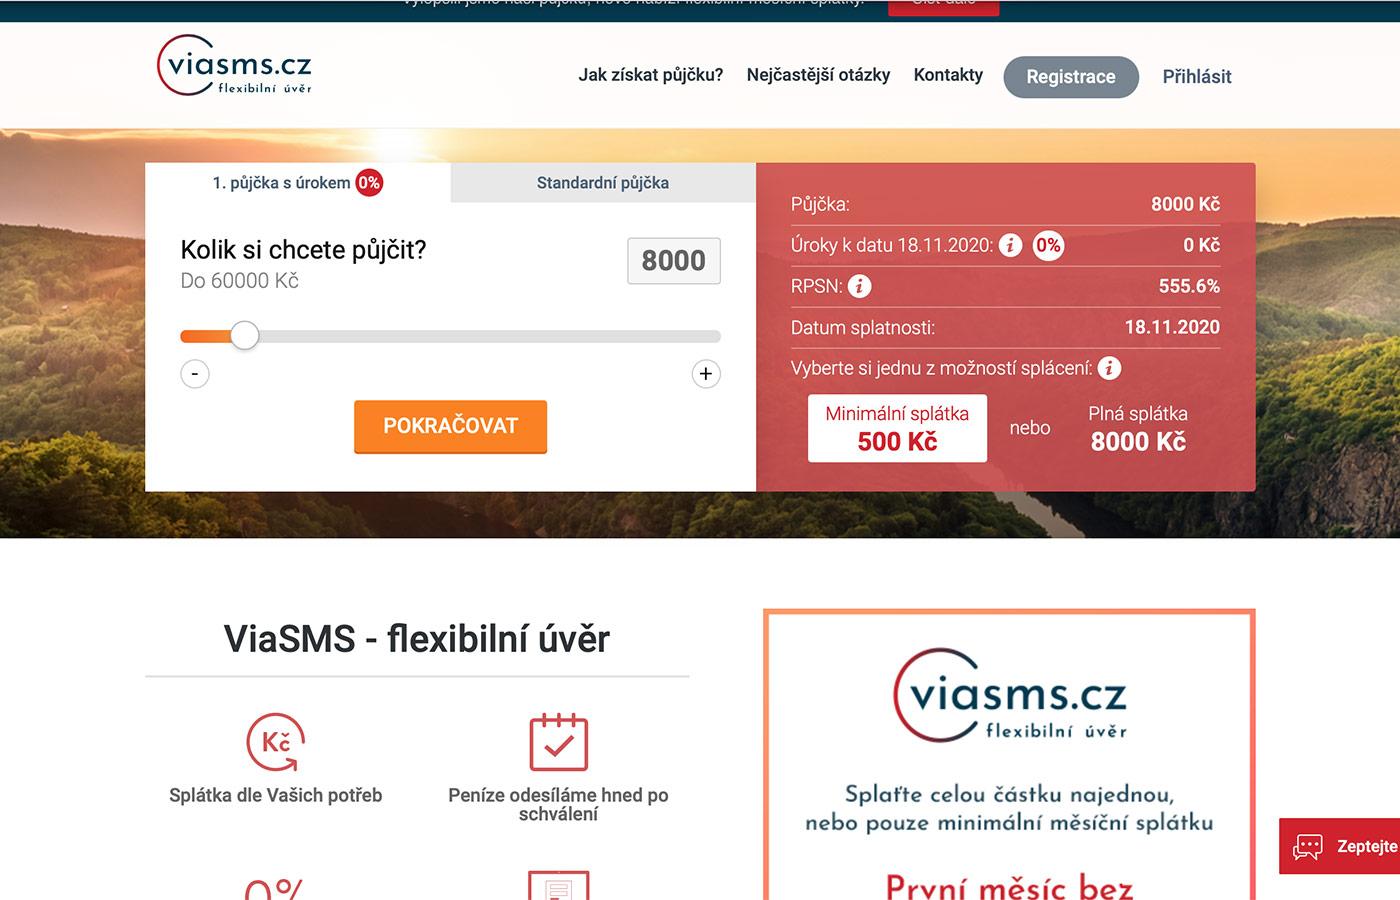 Náhled webových stránek www.viasms.cz